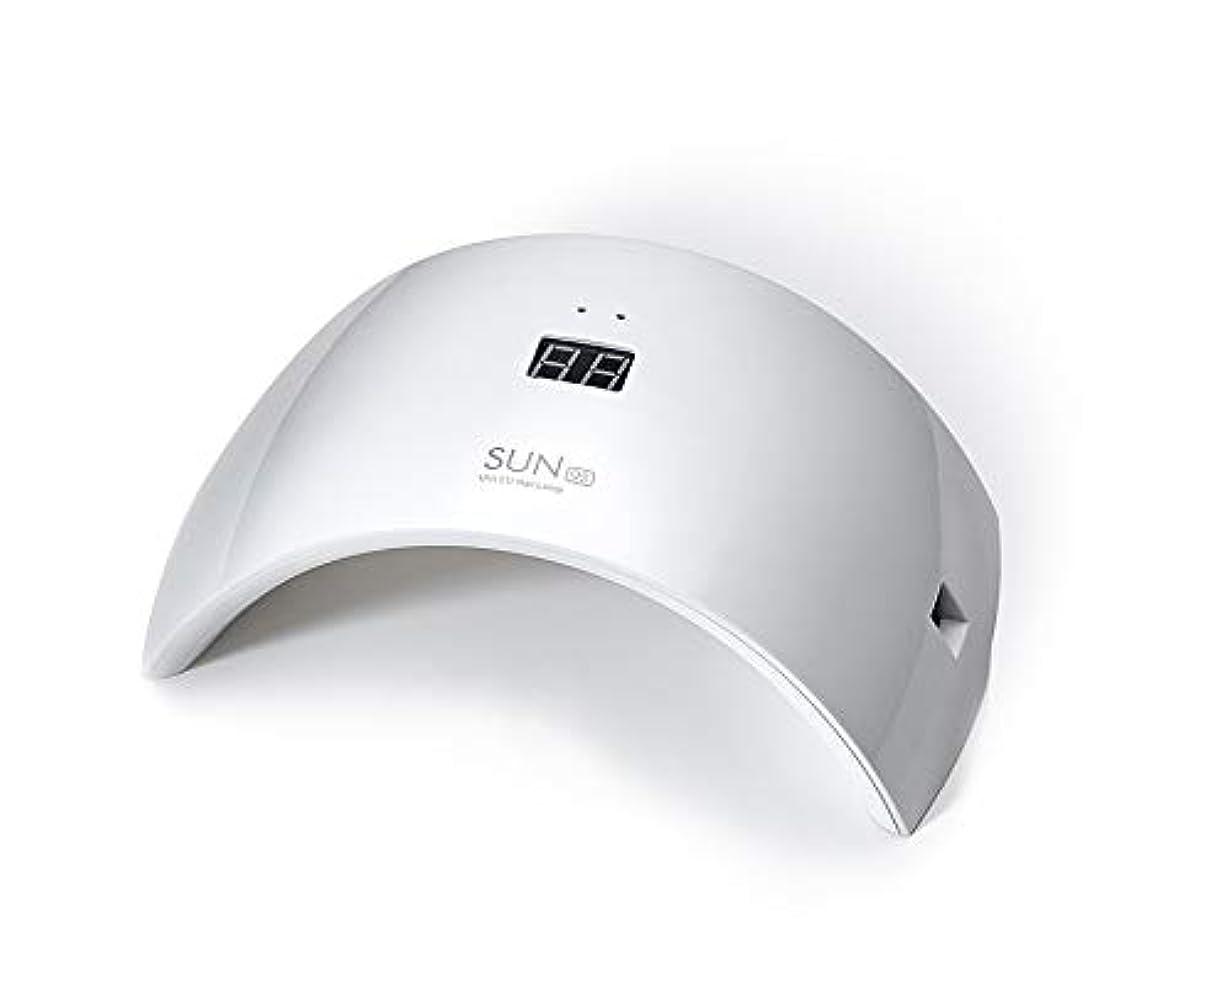 メインマダムバーマドネイルドライヤー UV LEDネイルライト 24W ハイパワー 硬化用UVライト 赤外線検知 ジェルネイルライト 人感センサー タイマー付き ネイルランプ 速乾LEDダブルライト 母の日ギフト